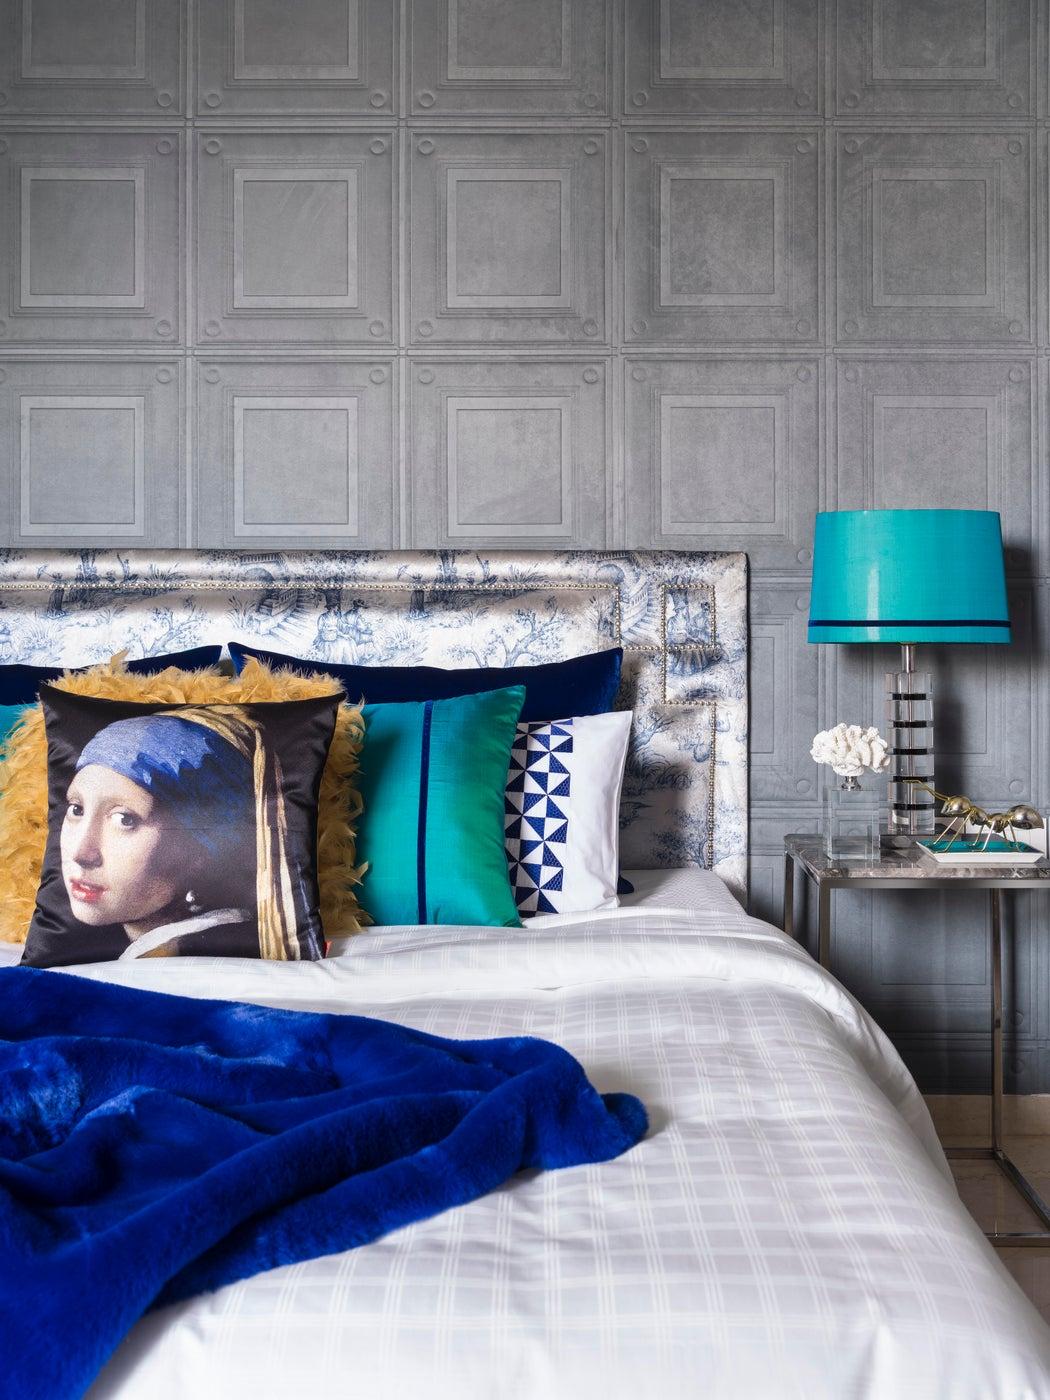 Eclectic Apartment, Bedroom, Customised Bedlinen